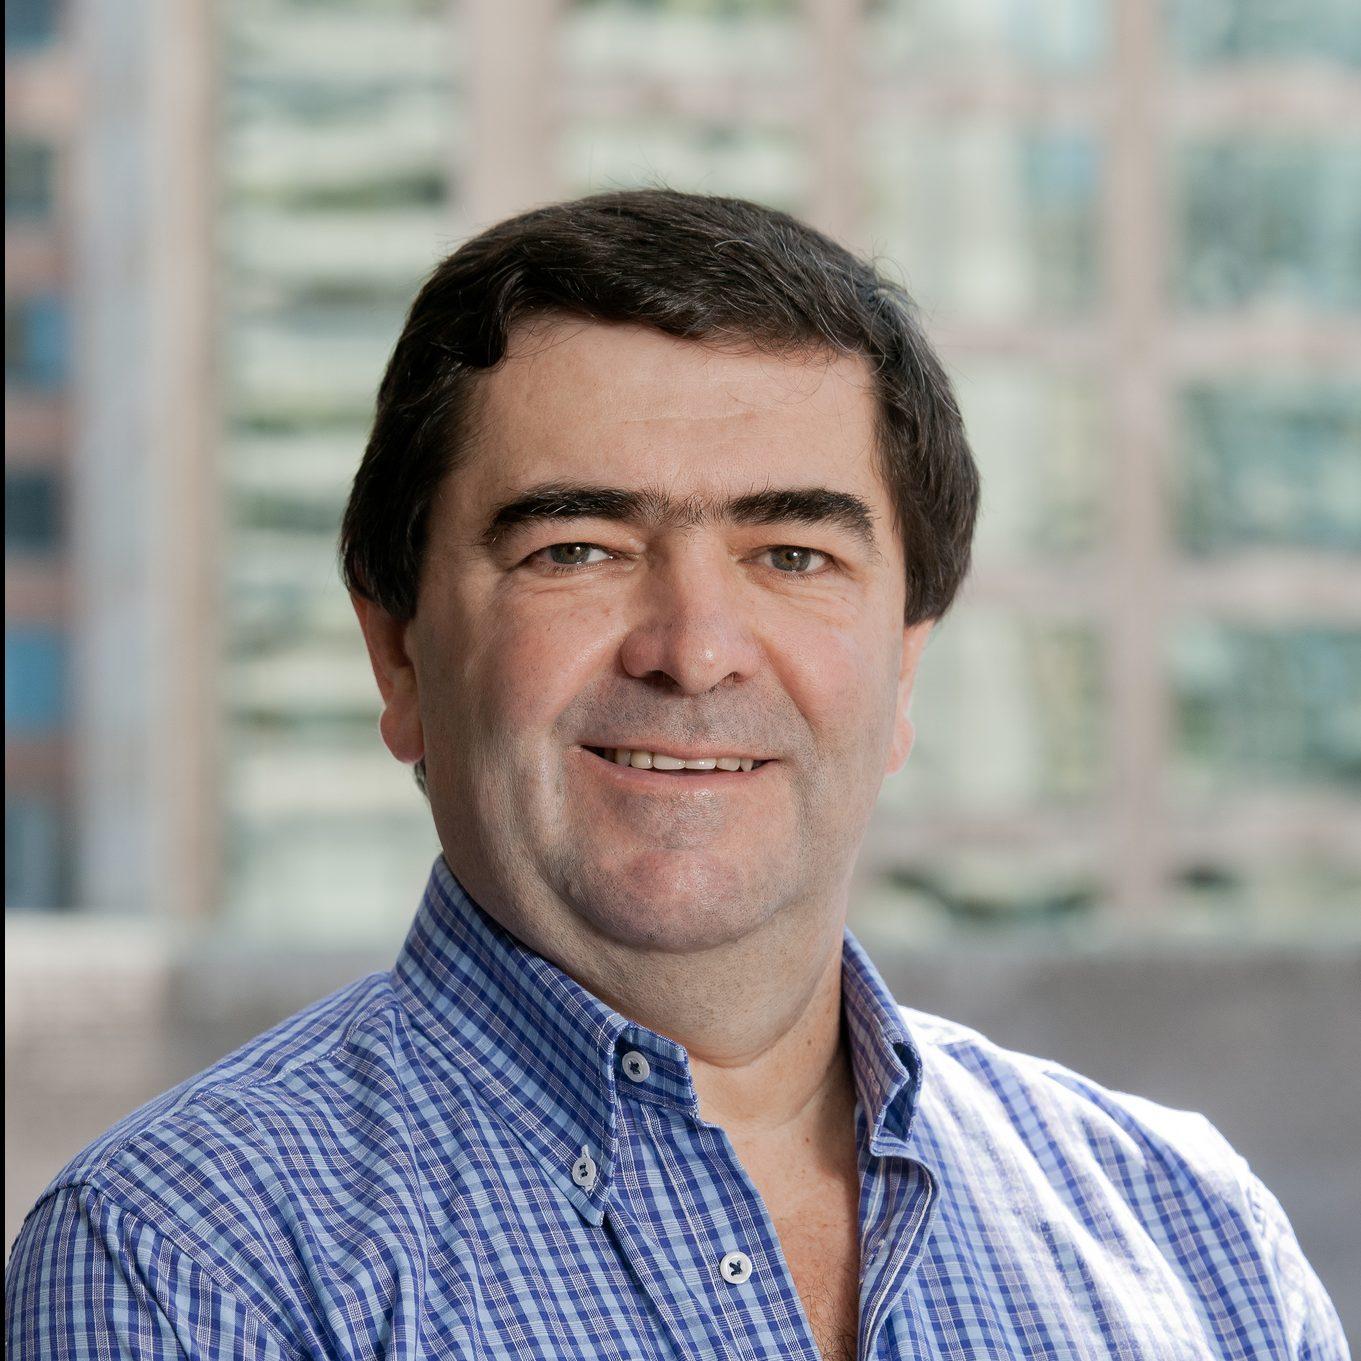 Raúl Echeberría